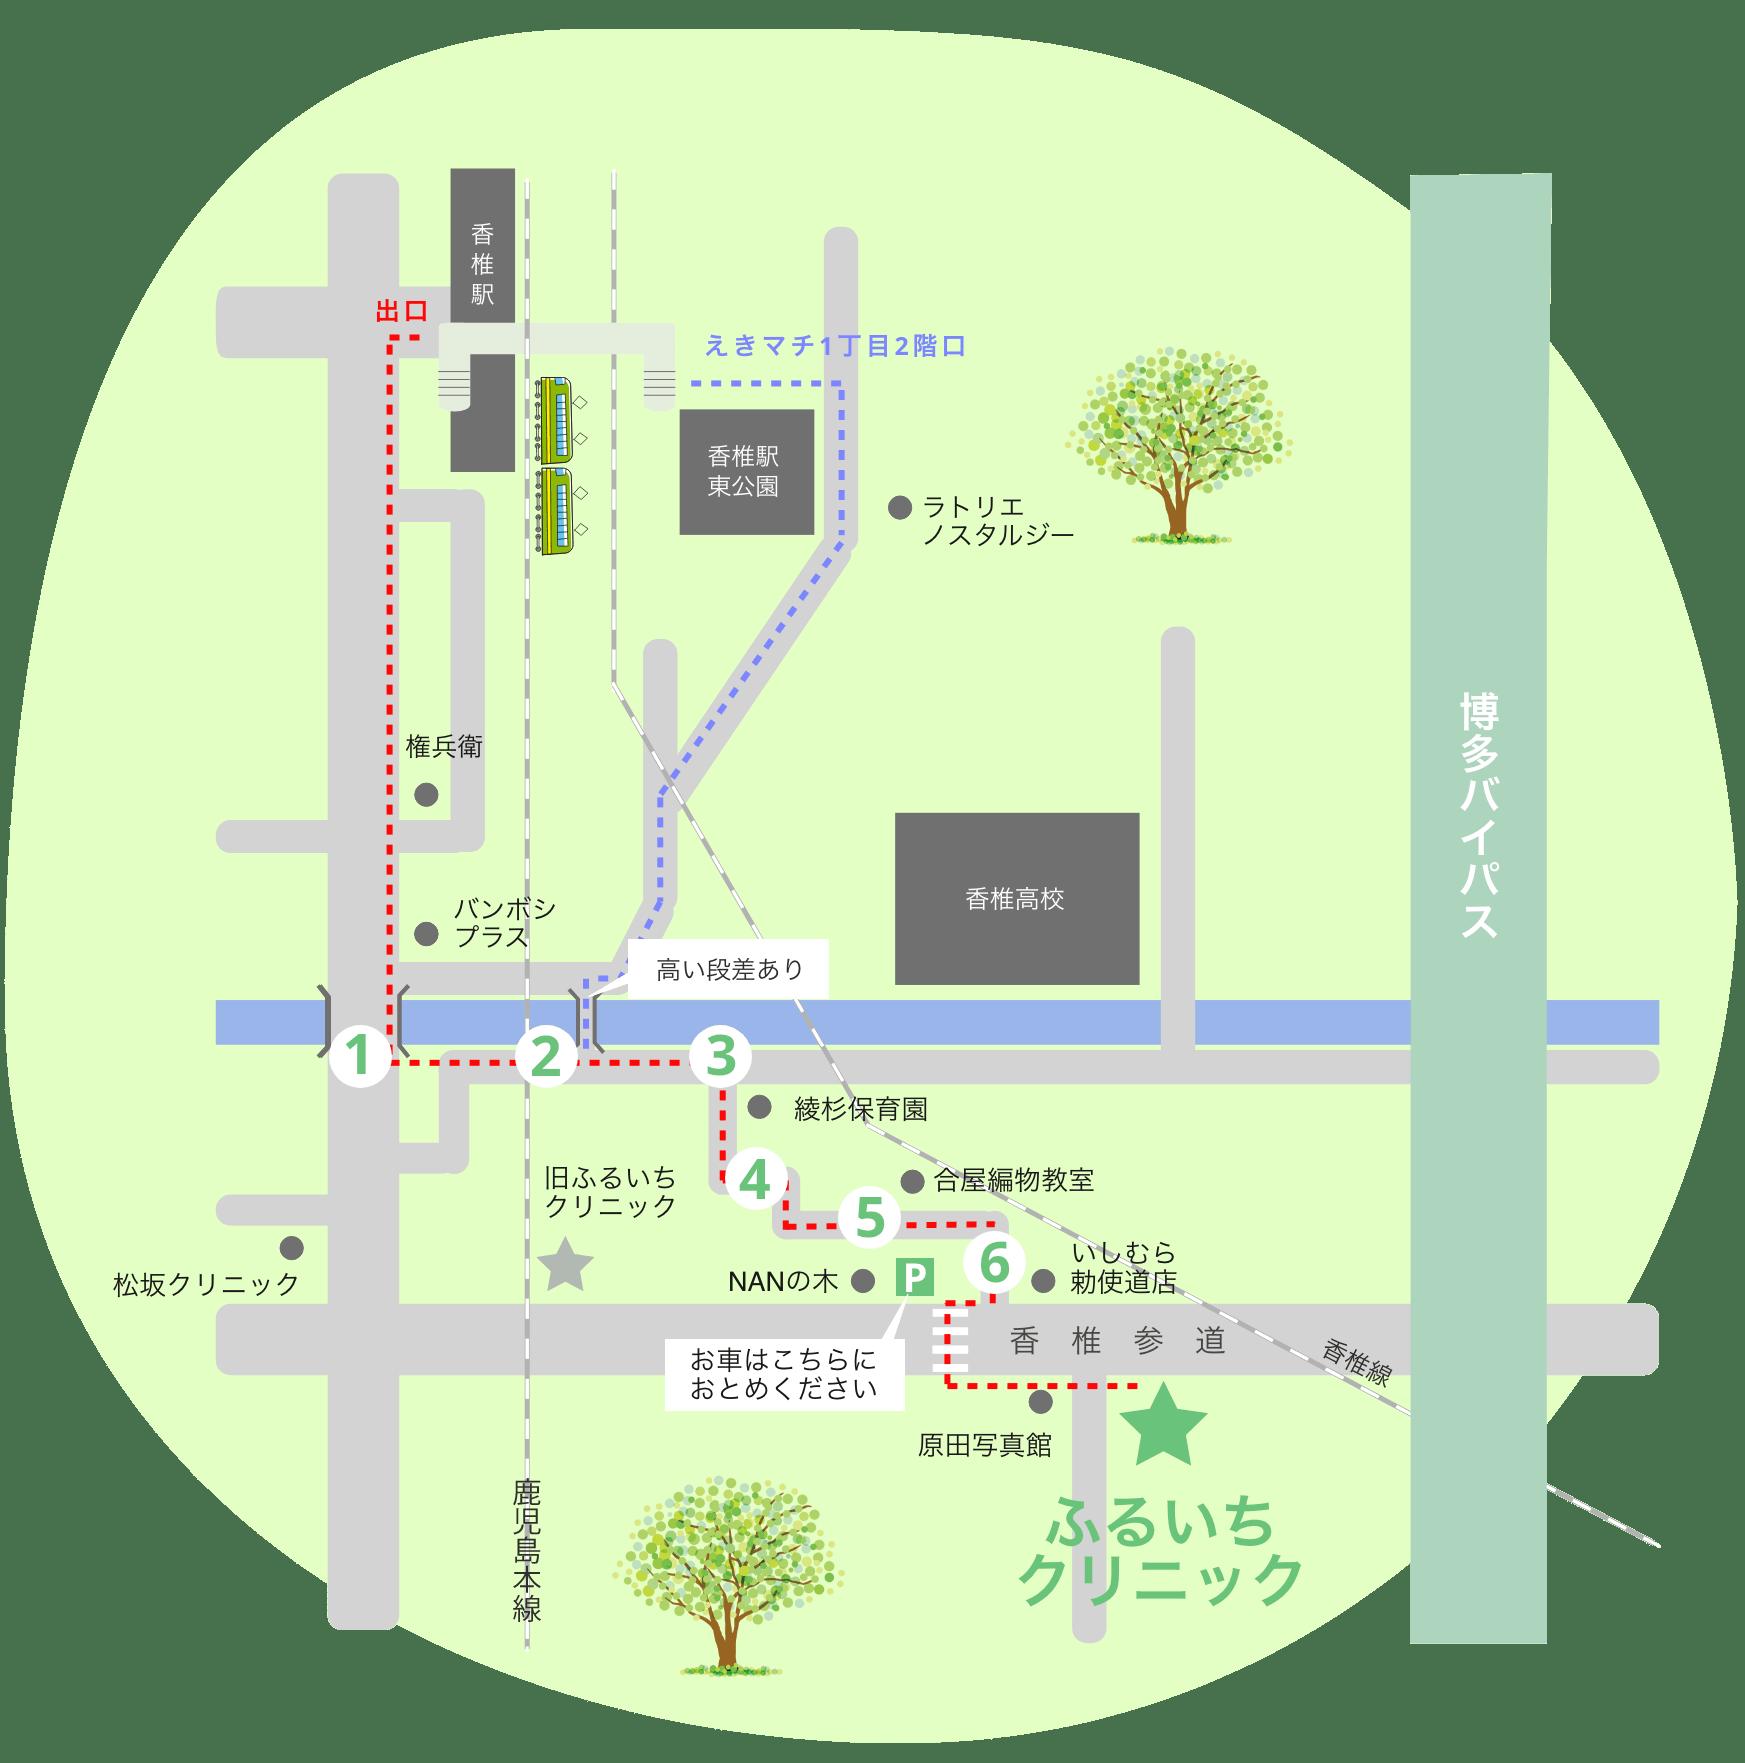 香椎駅方面からふるいちクリニックへお越しいただく場合の道順を示した全体地図